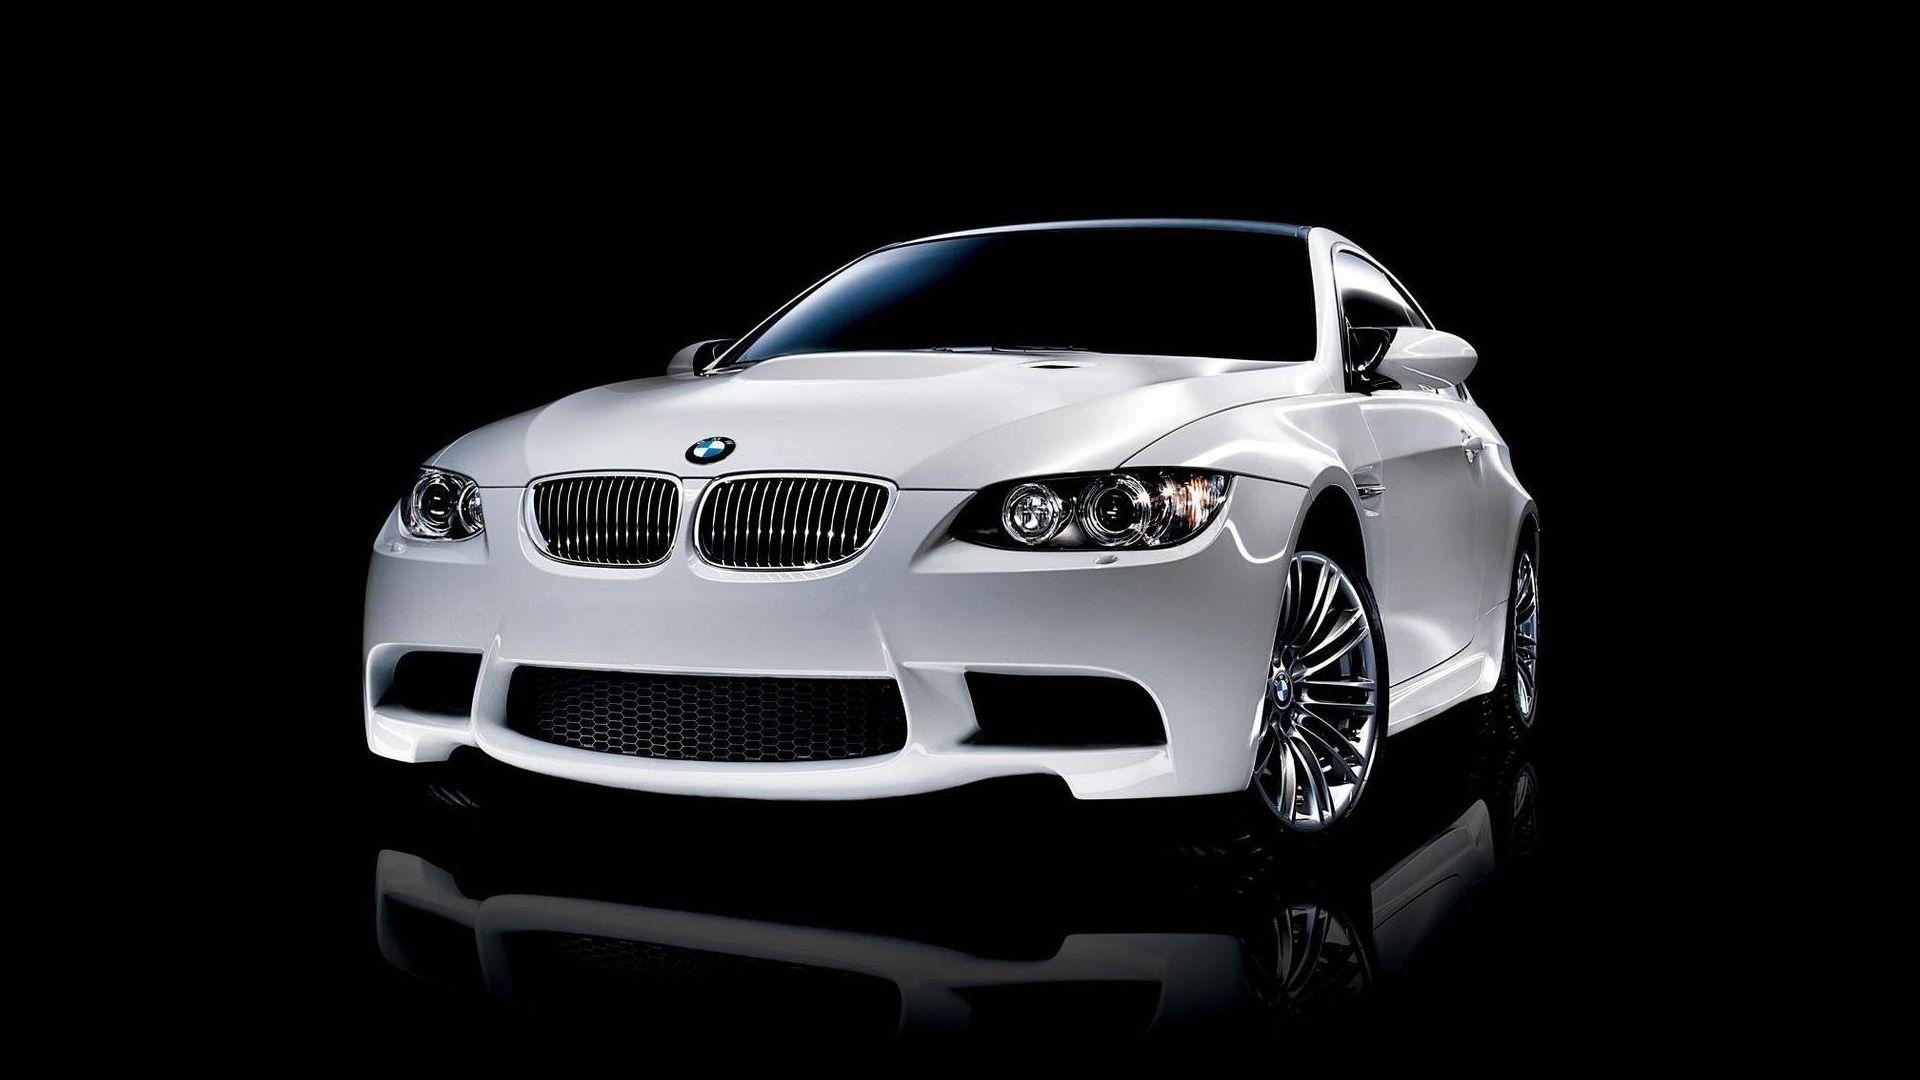 BMW M3 Car Wallpaper 1080p